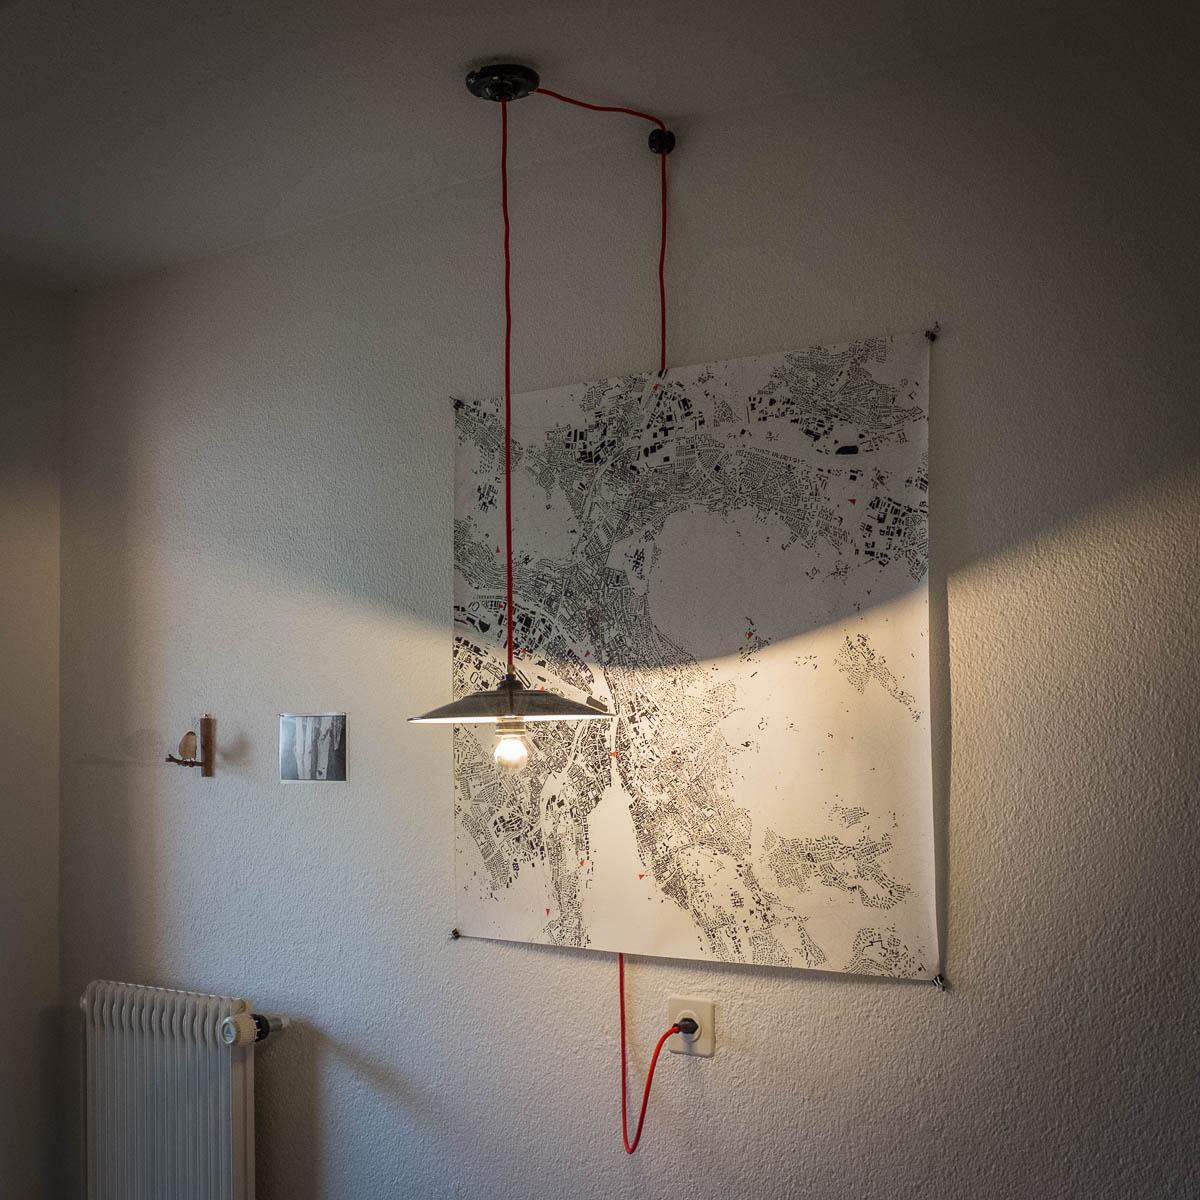 DYI-Idee: Urbane Küche